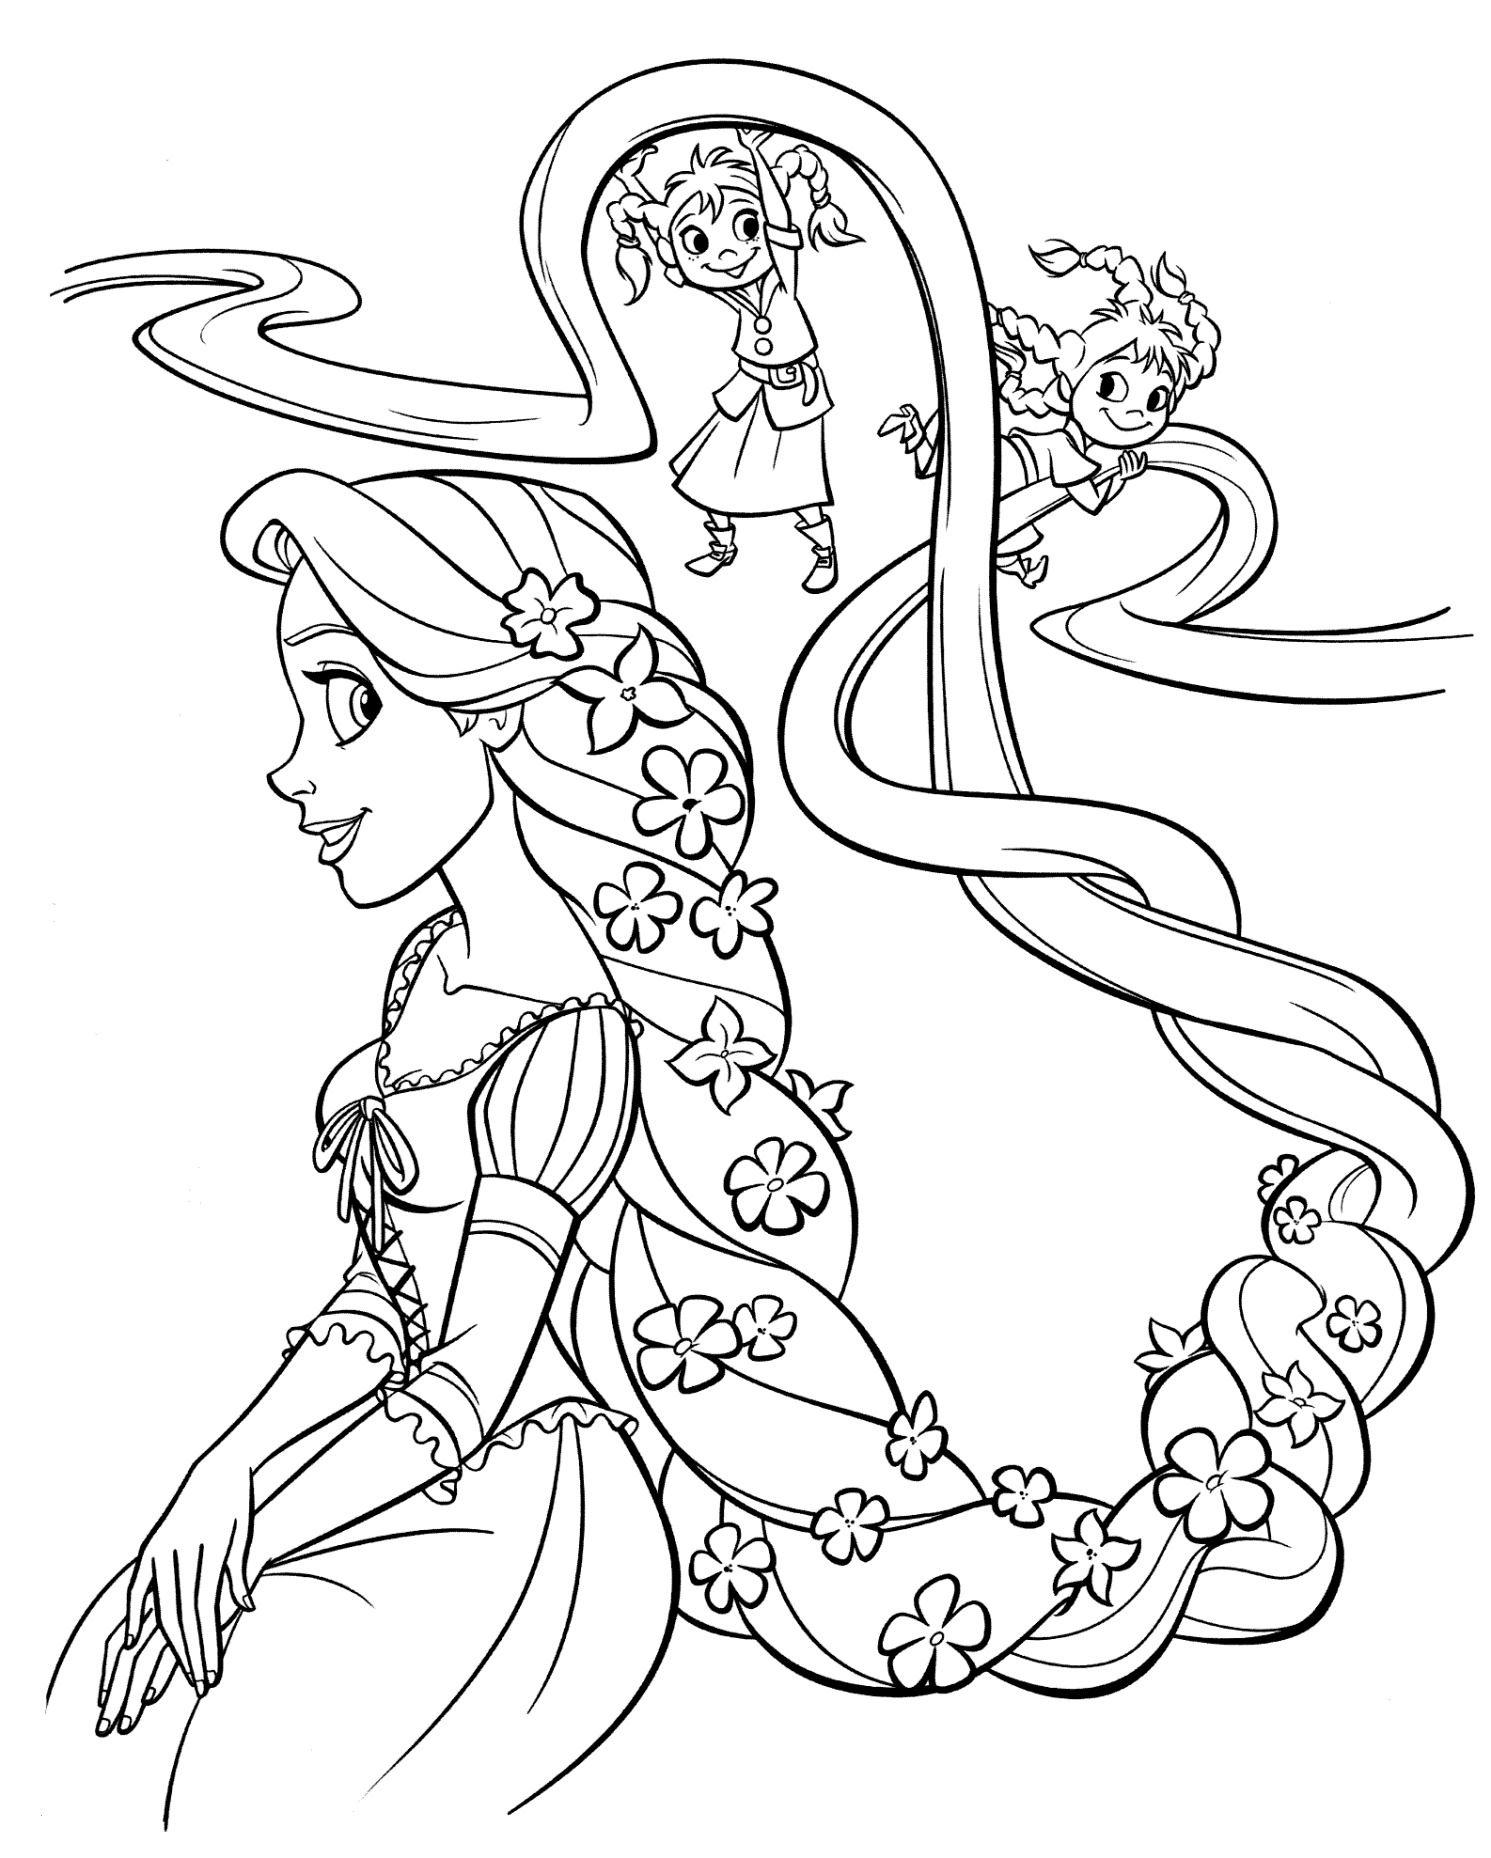 Ausmalbilder Rapunzel Malvorlagen   1Ausmalbilder.com in ...